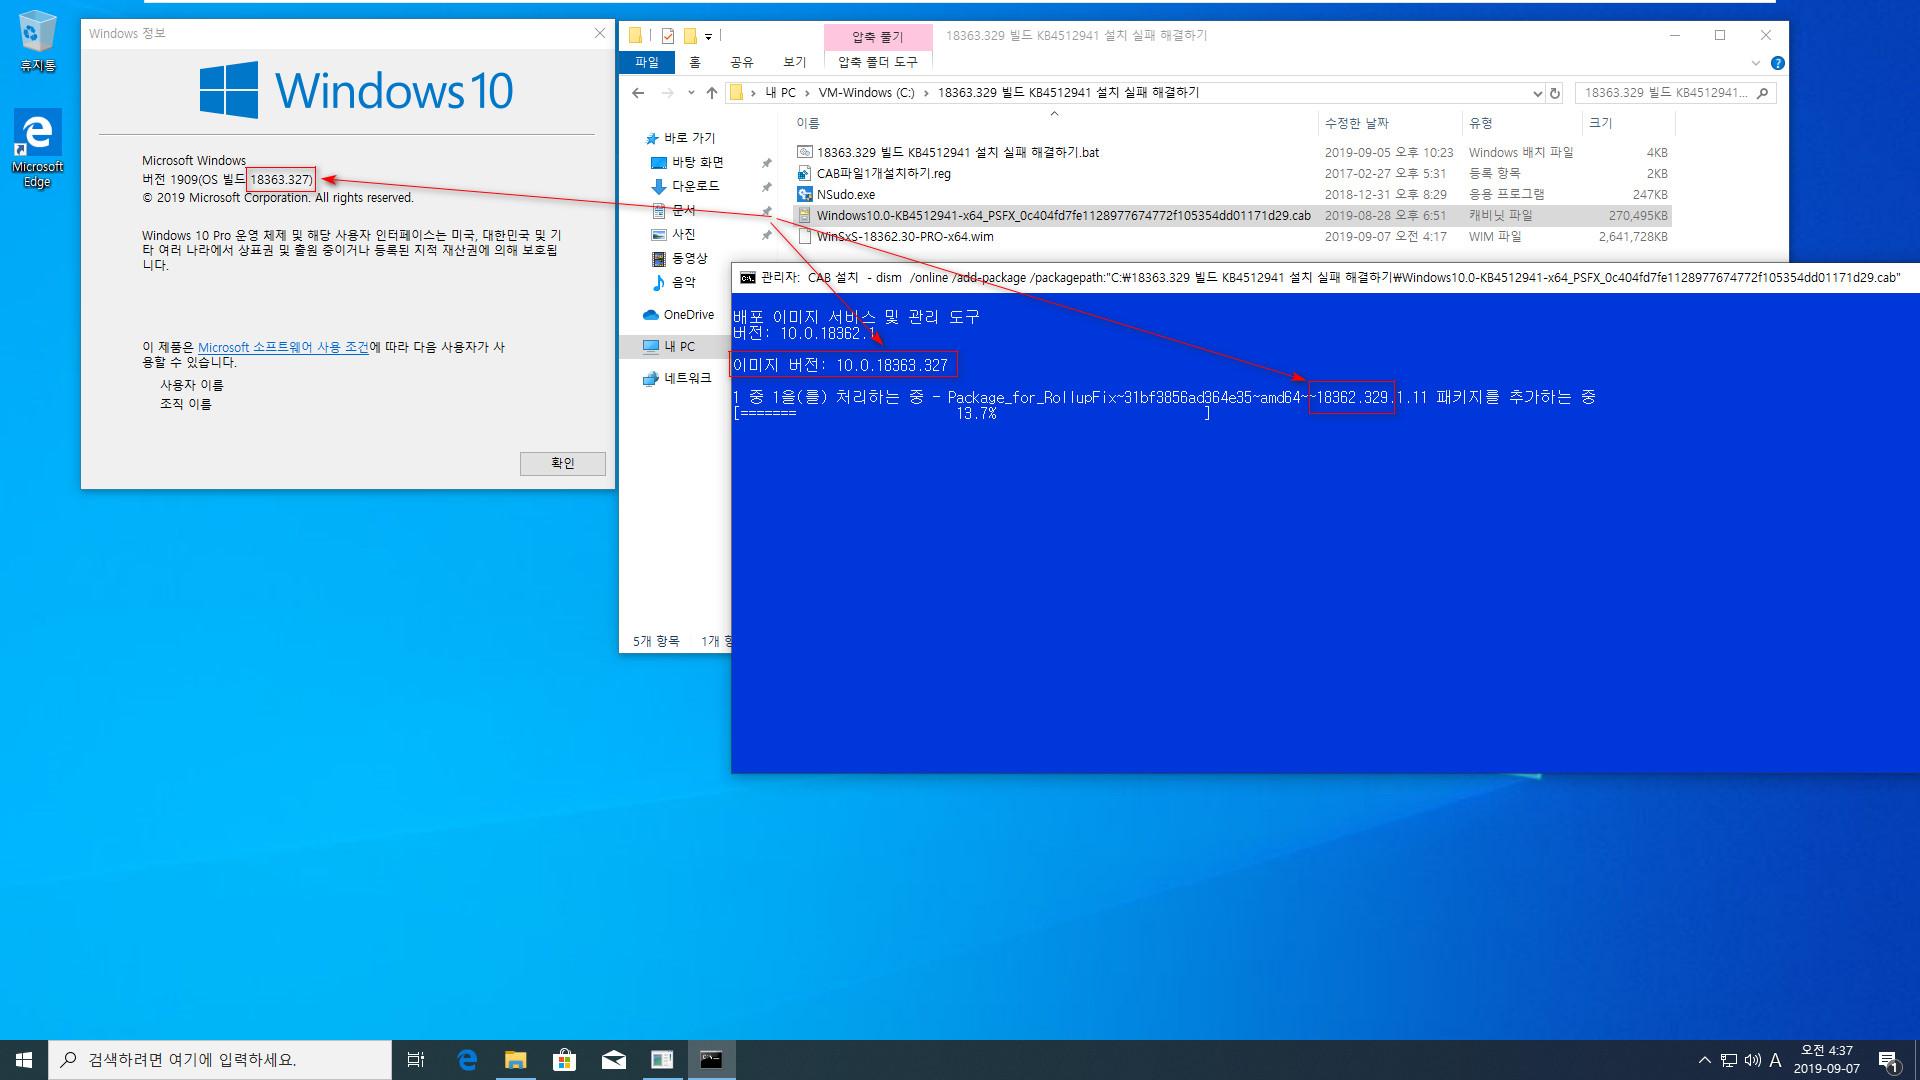 Windows 10 19H2 버전 1909 (OS 빌드 18363.327) 릴리스 프리뷰 - ms 에서 배포한 iso 에18363.329 빌드 KB4512941 설치 실패 해결하기 - 다시 도전 2019-09-07_043719.jpg